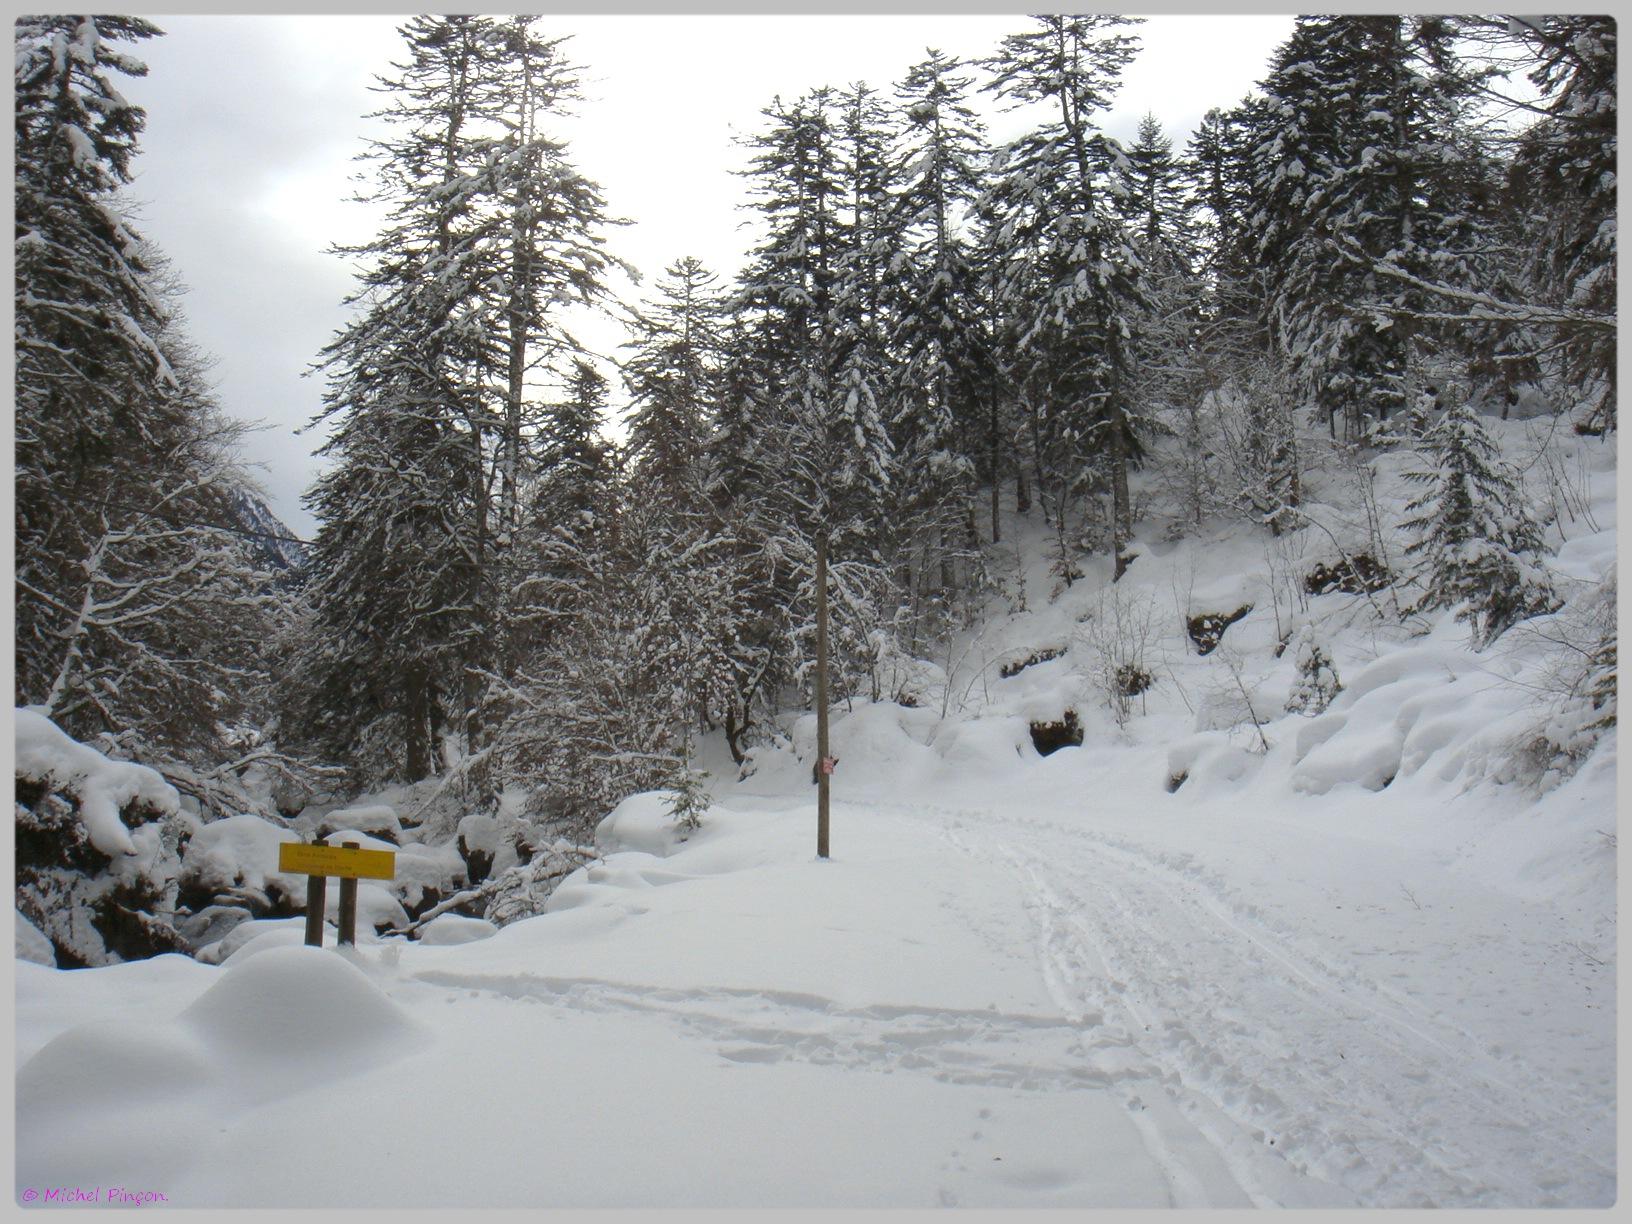 Une semaine à la Neige dans les Htes Pyrénées - Page 2 166352DSC011874